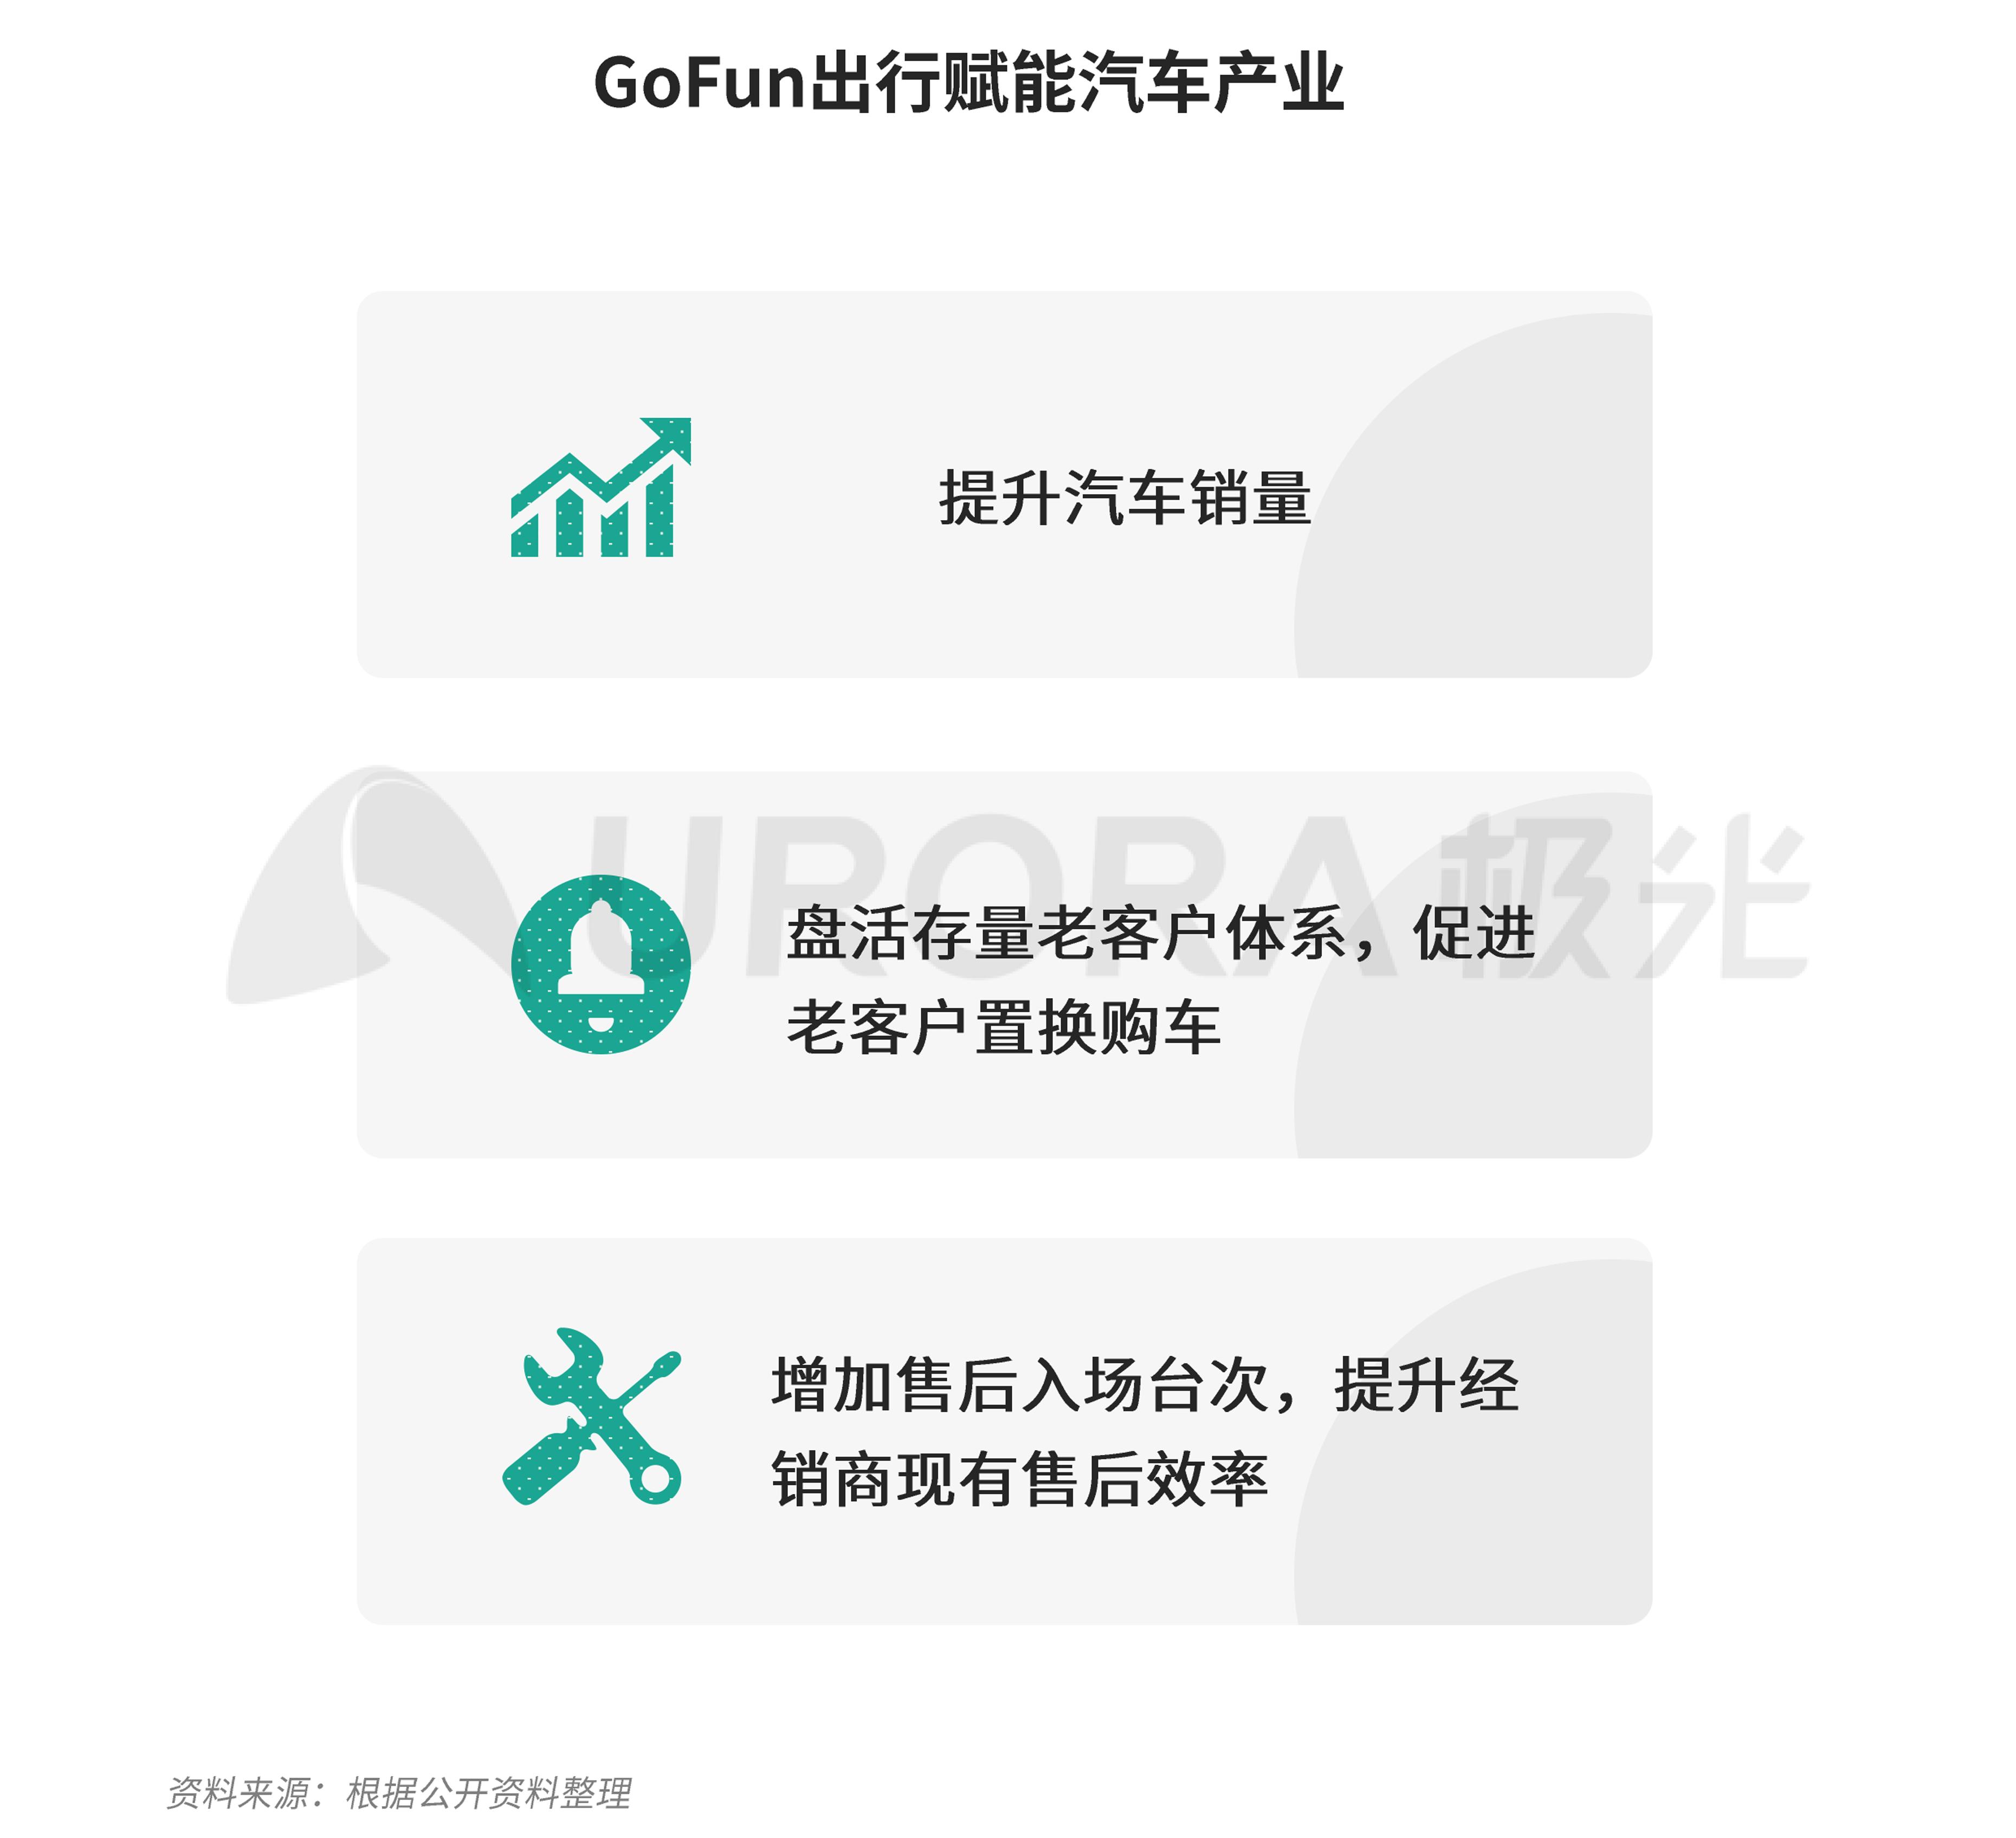 极光:汽车产业新格局 (28).png